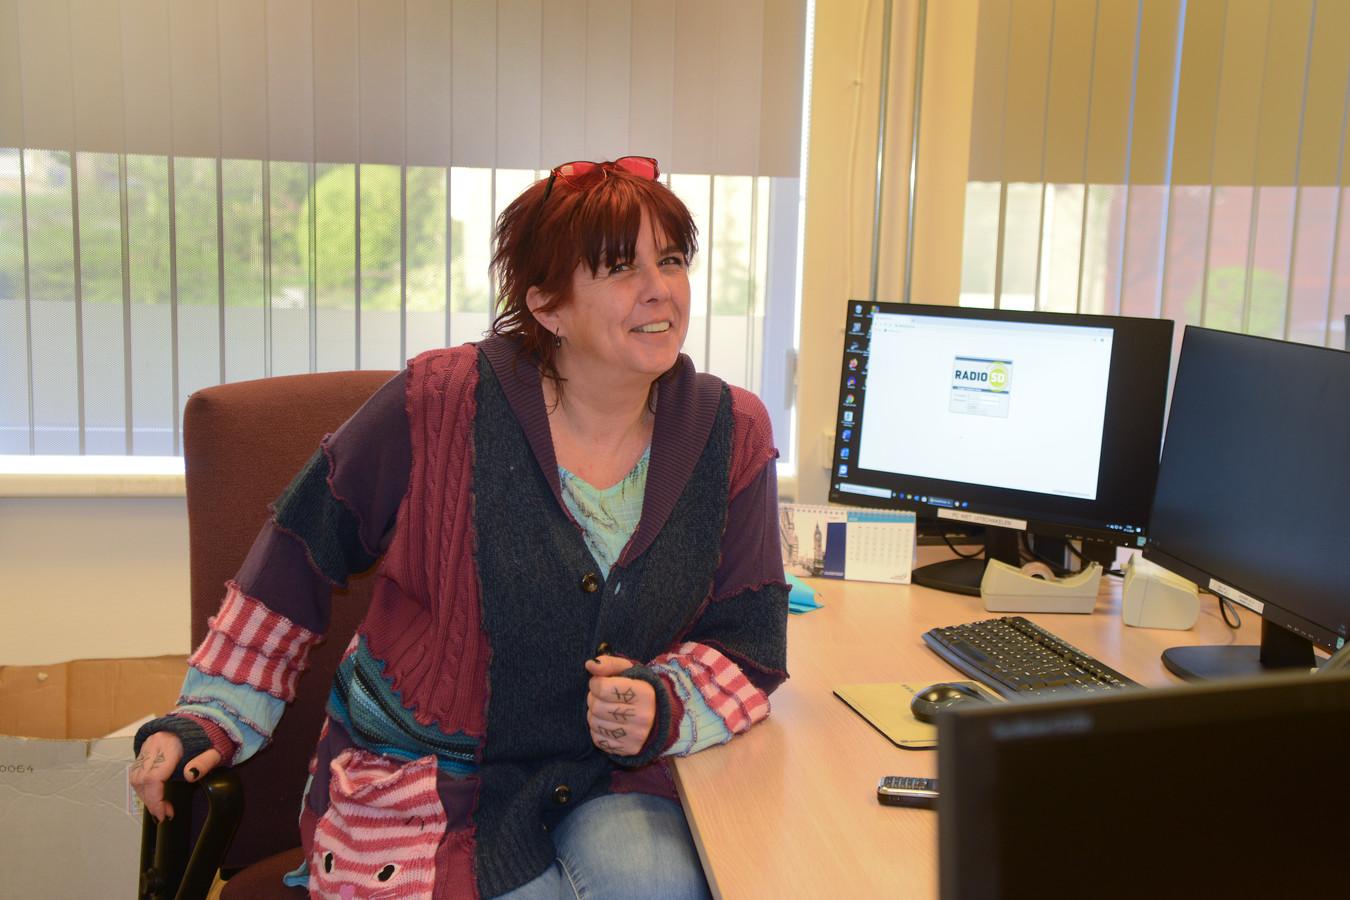 Christel Brunger doet het redactiewerk ter voorbereiding van het actualiteitenprogramma INFO bij Radio Schouwen-Duiveland.